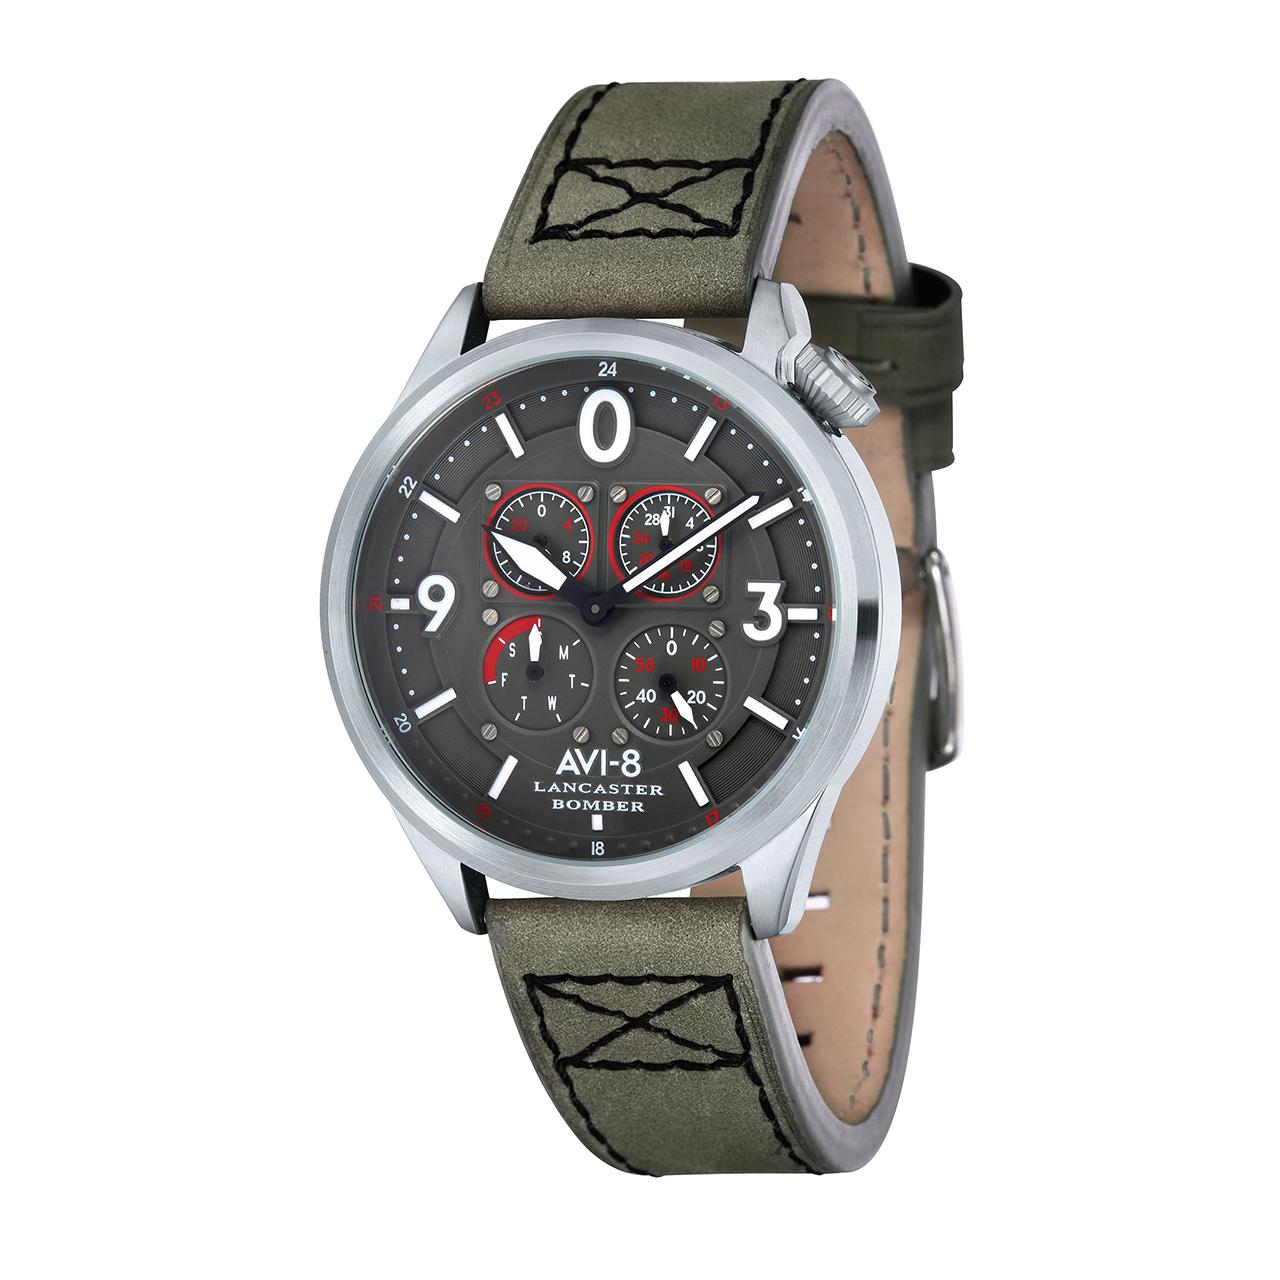 ساعت مچی عقربه ای مردانه ای وی-8 مدل AV-4050-03